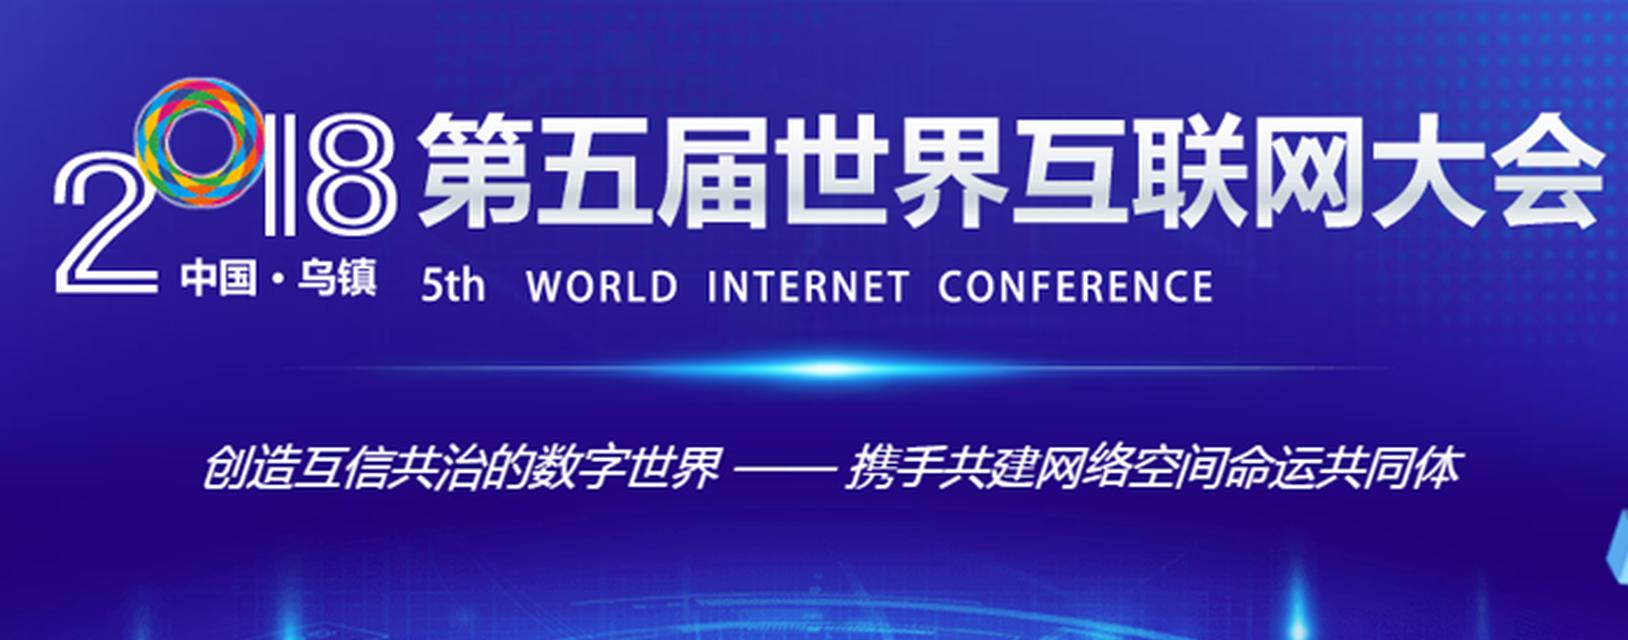 2018第五届世界互联网大会